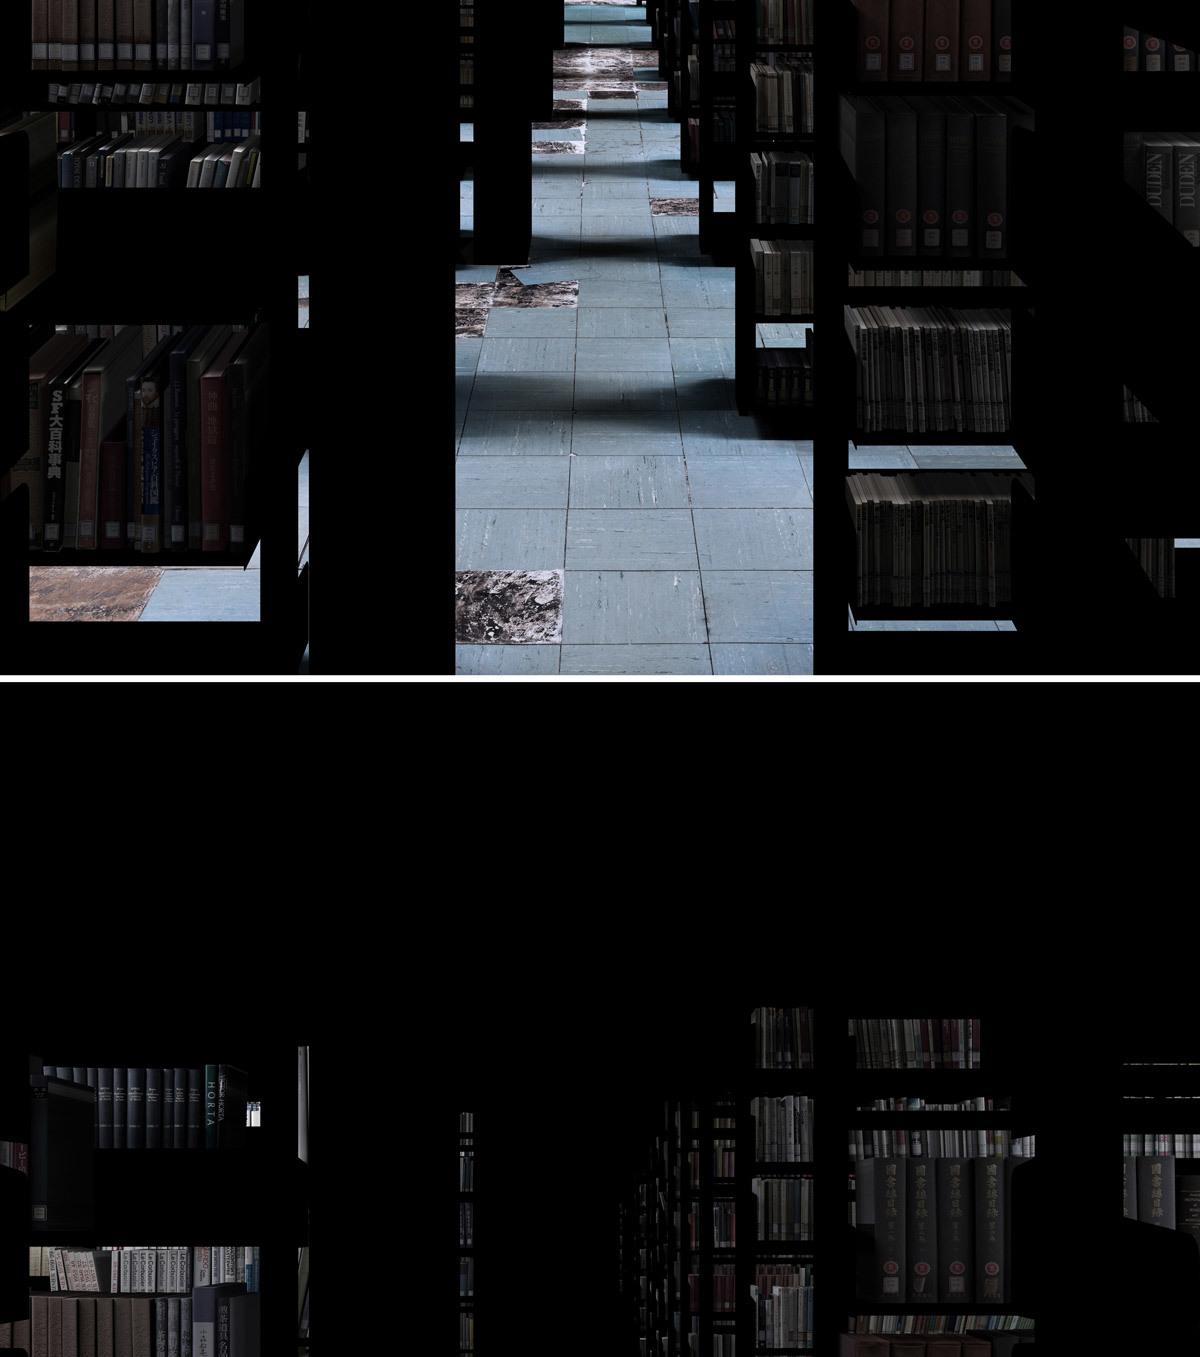 本と床と22個の光 (愛知県立芸術大学図書館棟書庫) 2016年 / 10 min. 48 sec. / アニメーション / *ダブルチャンネル URANO公式サイトより(https://urano.tokyo/)